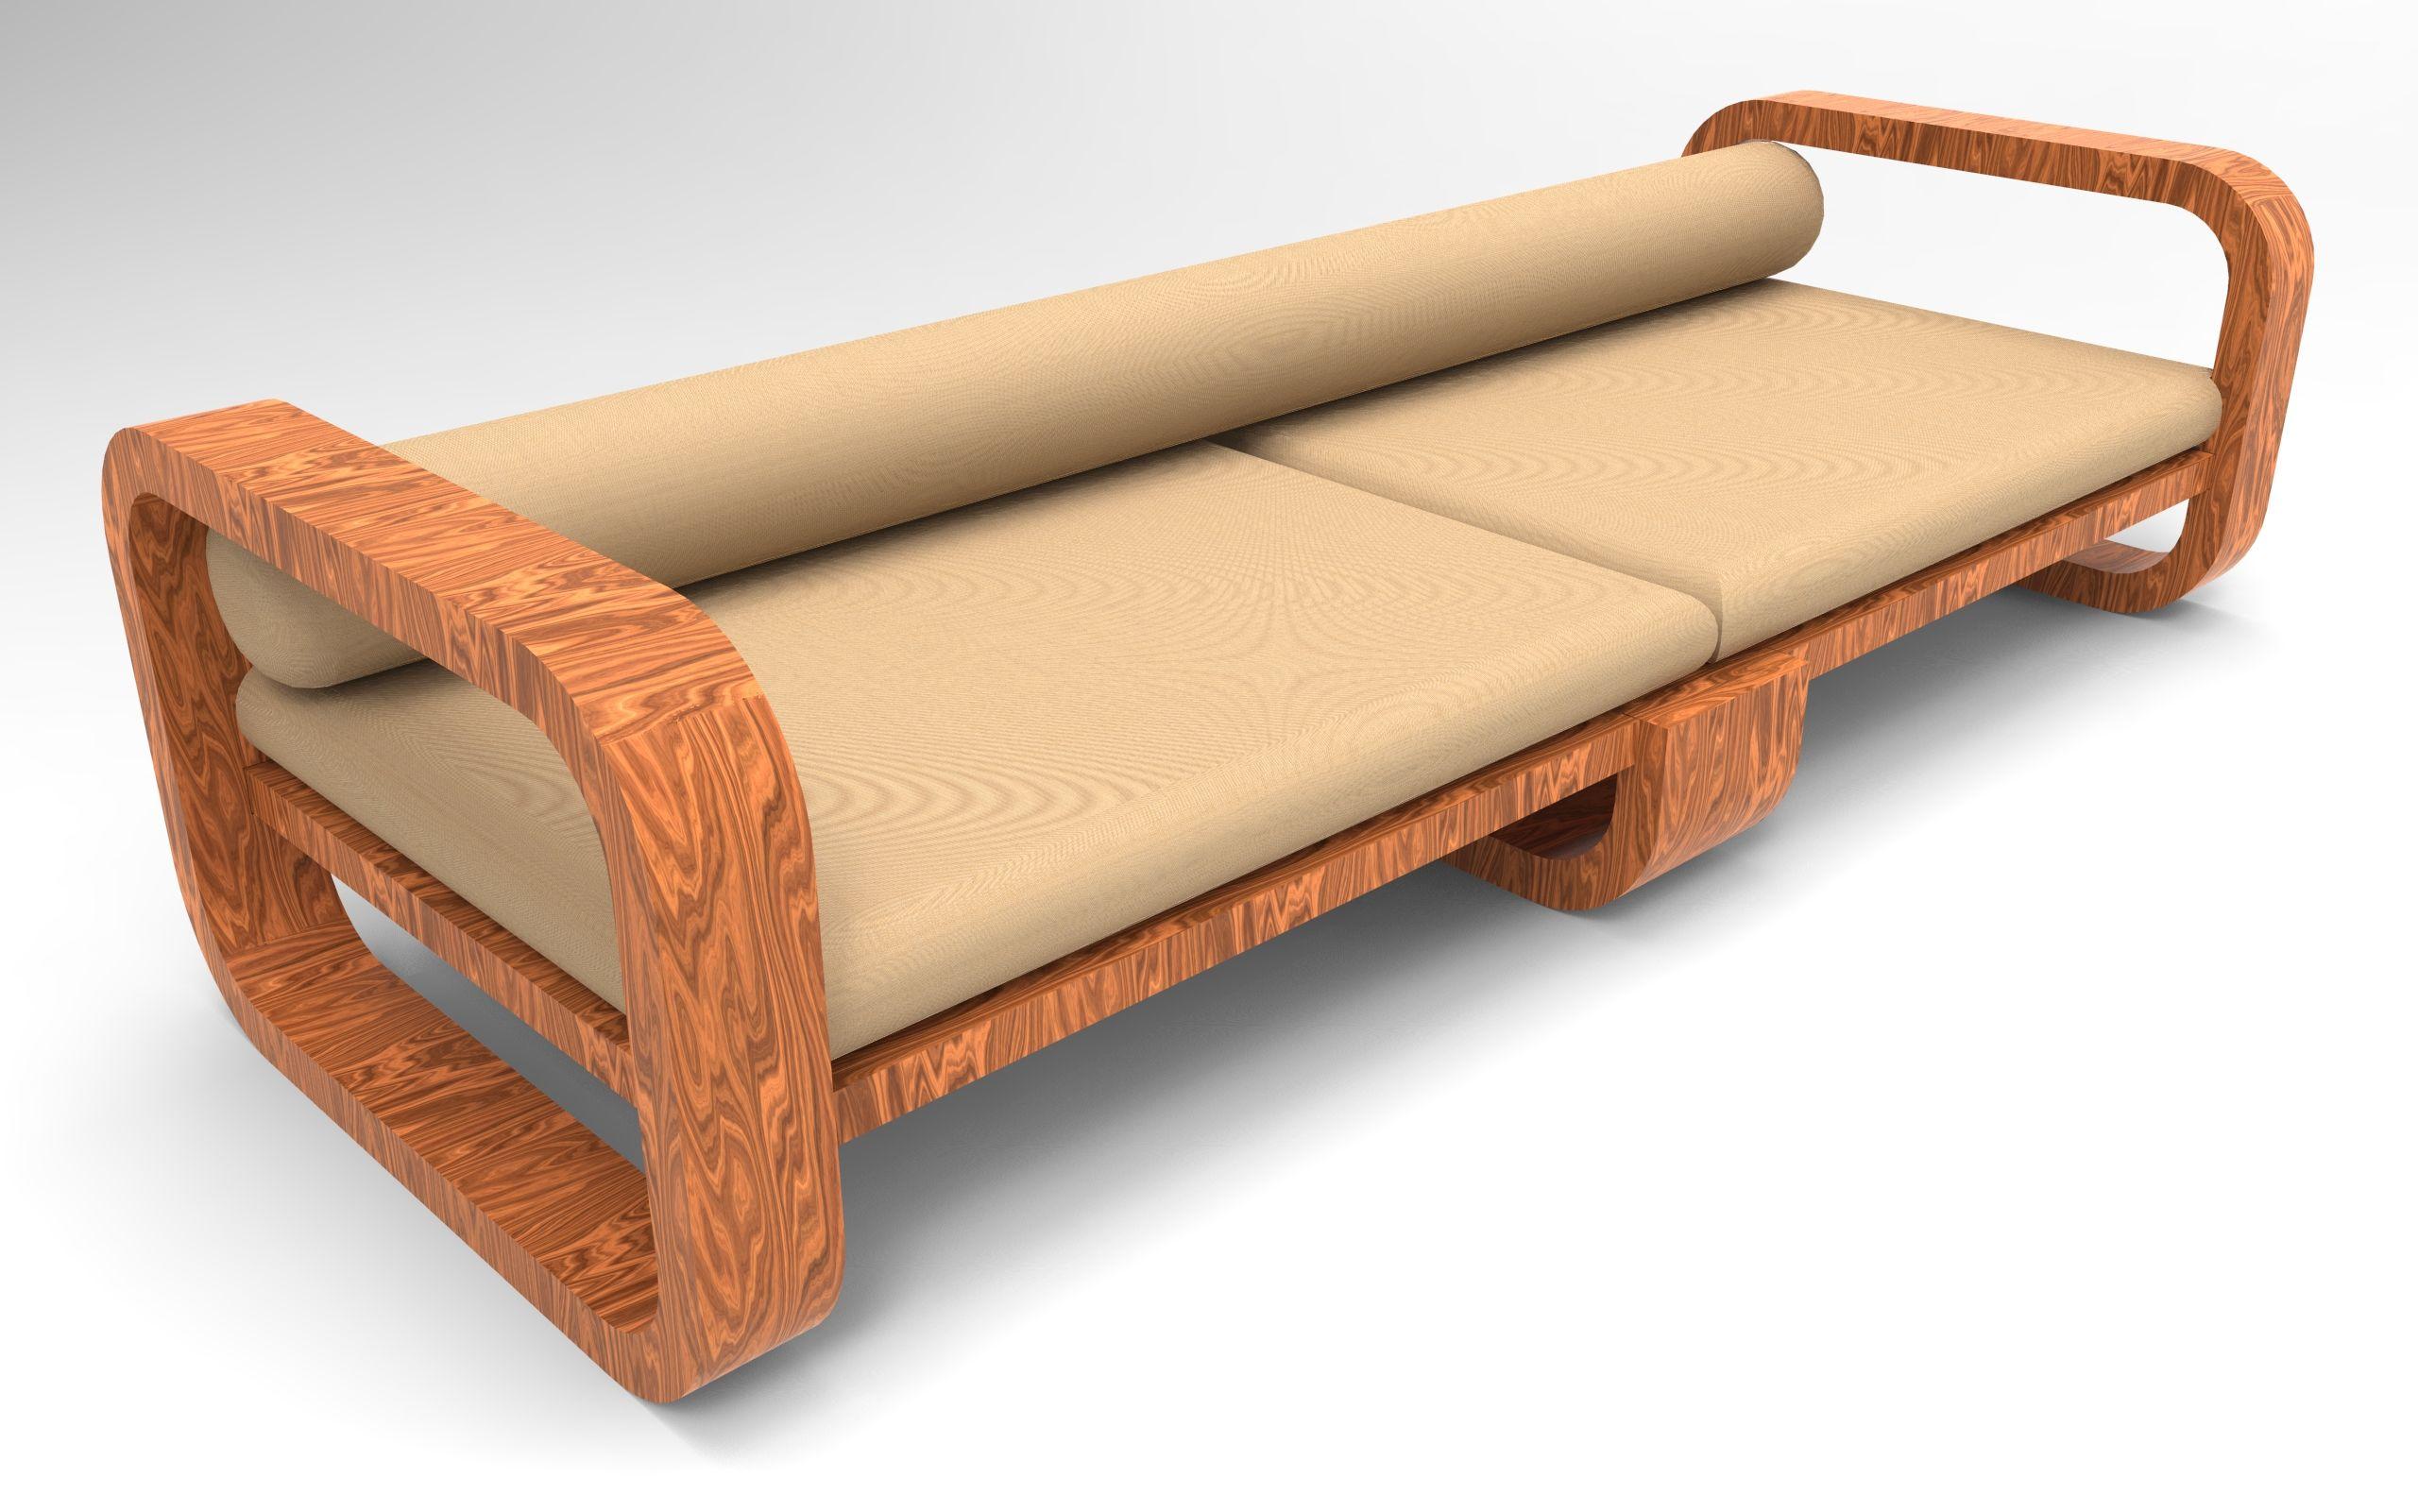 Design-sofa-fabnerdes-lucas-lira-3500-3500